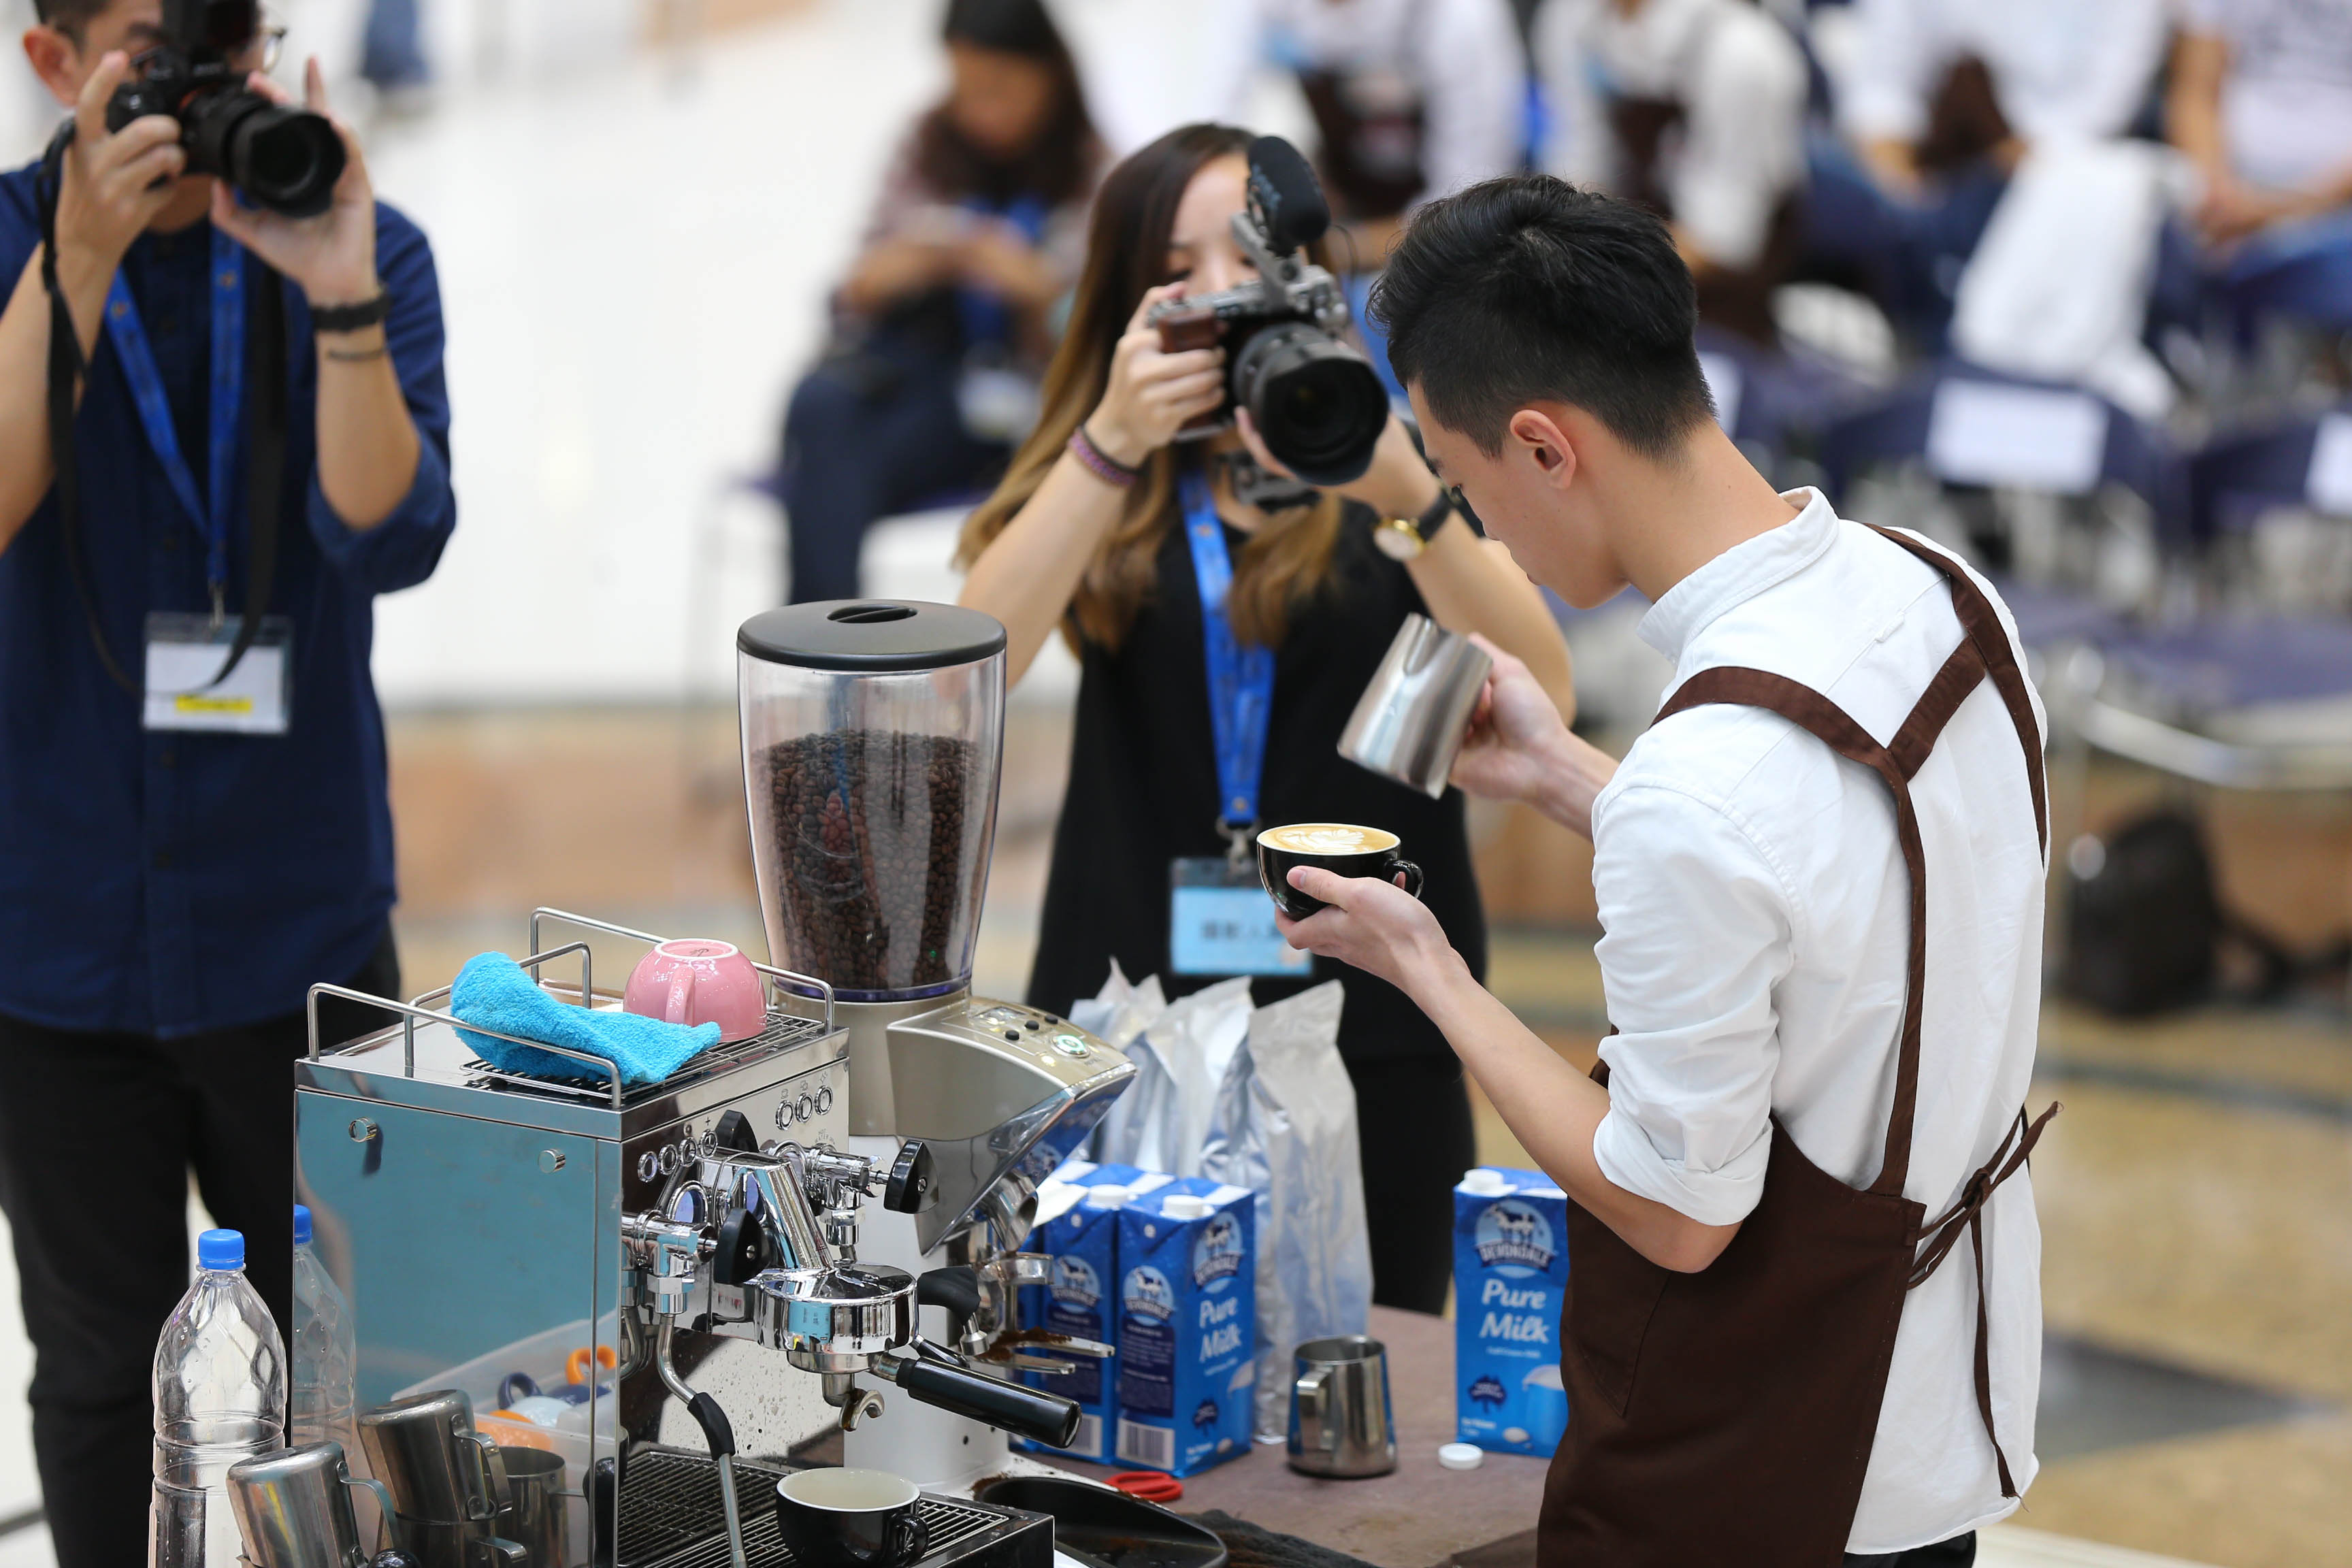 天主教慈幼會伍少梅中學的全港學界咖啡拉花比賽2016 相片5